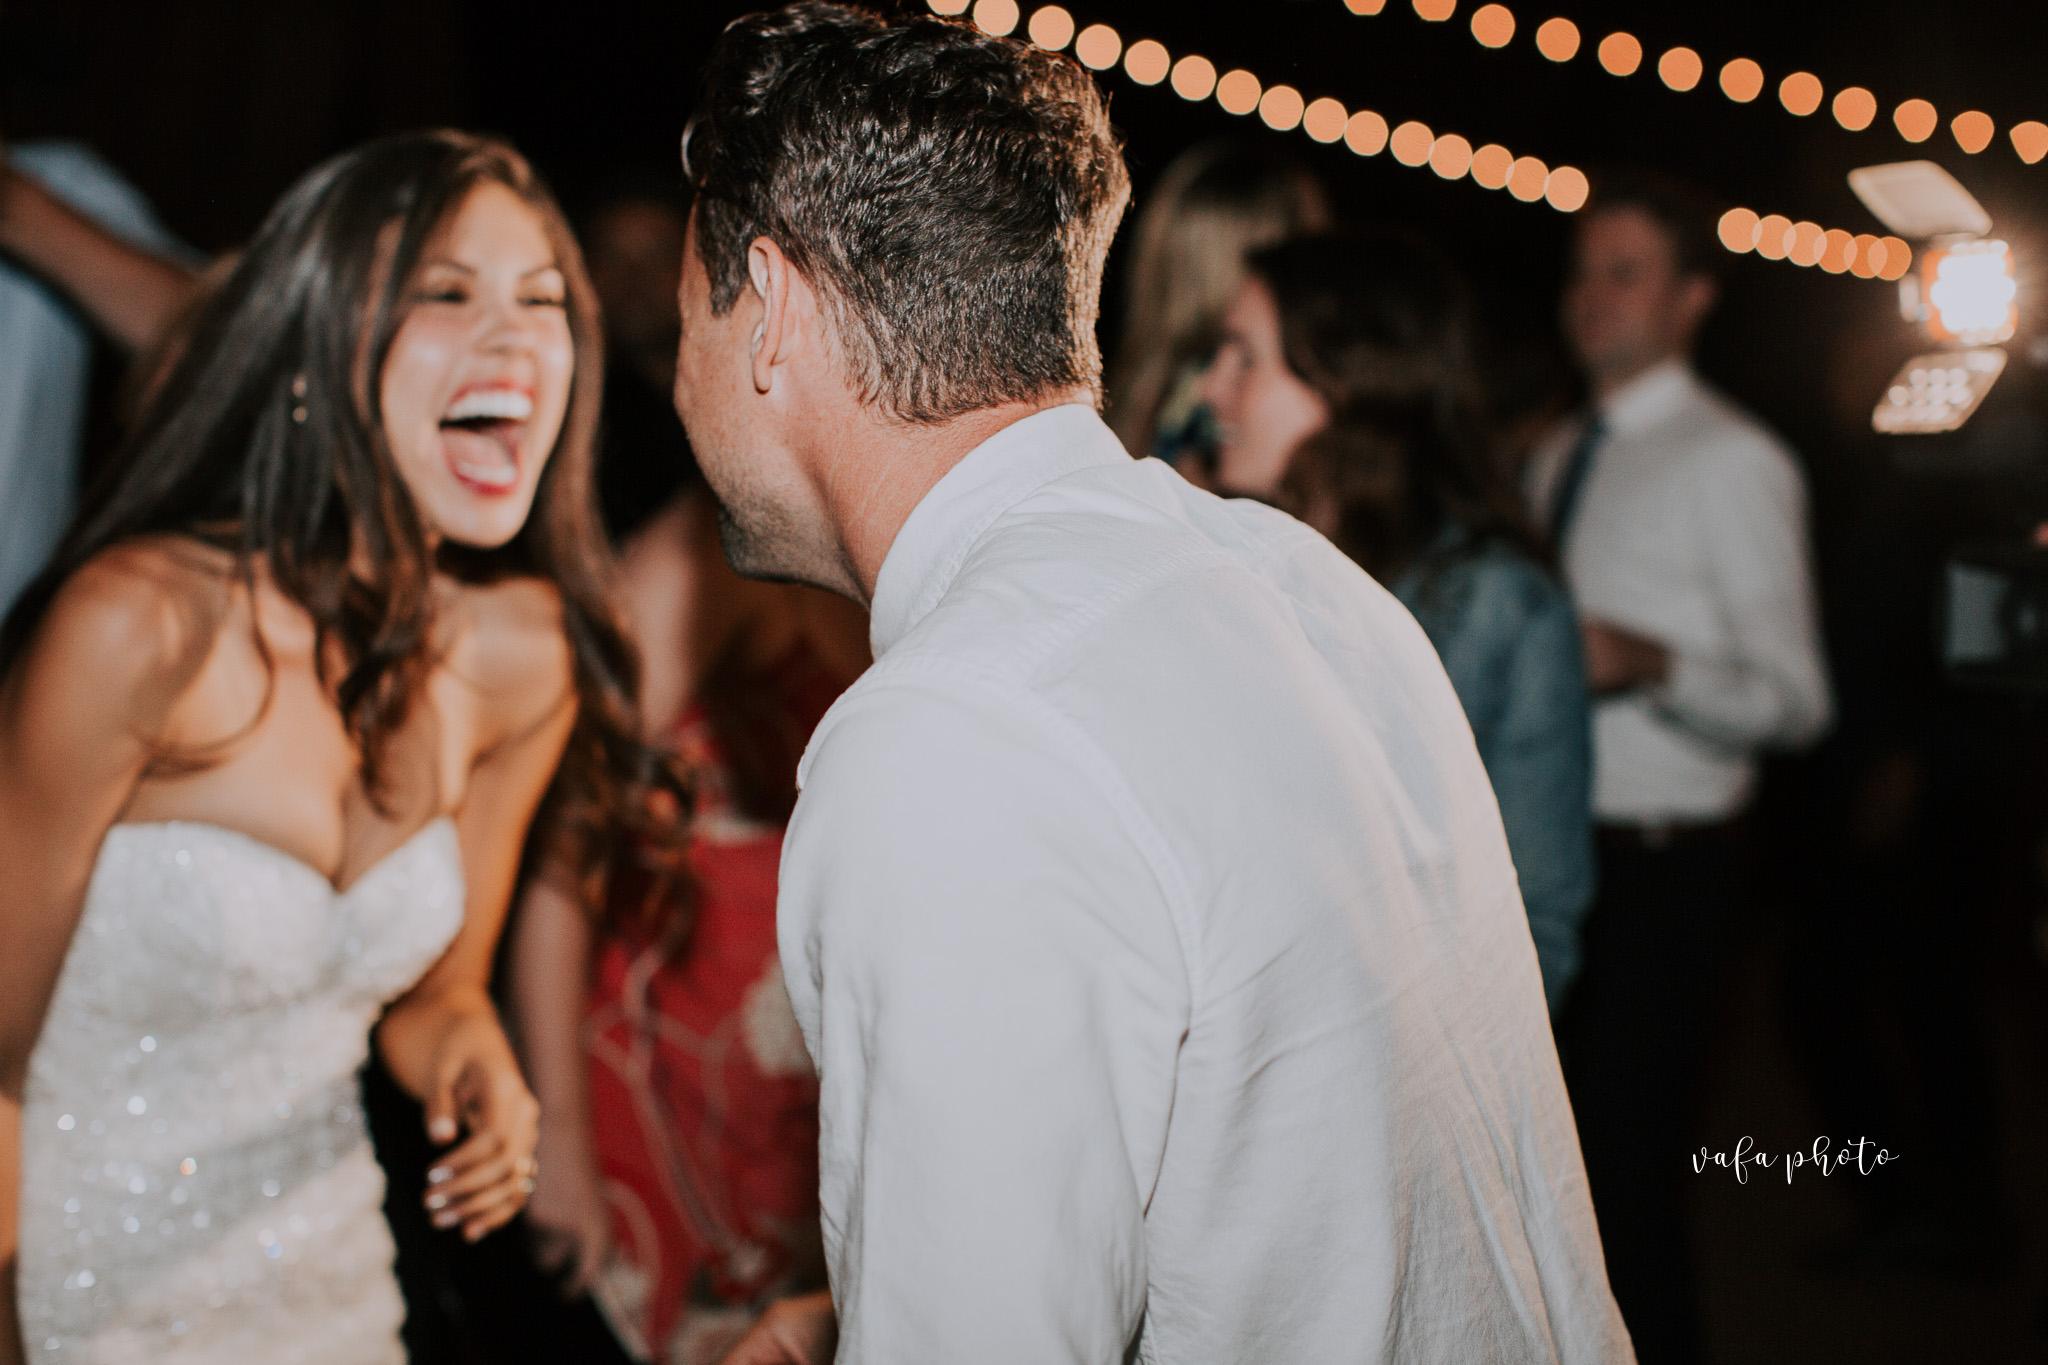 Southern-California-Wedding-Britt-Nilsson-Jeremy-Byrne-Vafa-Photo-1002.jpg